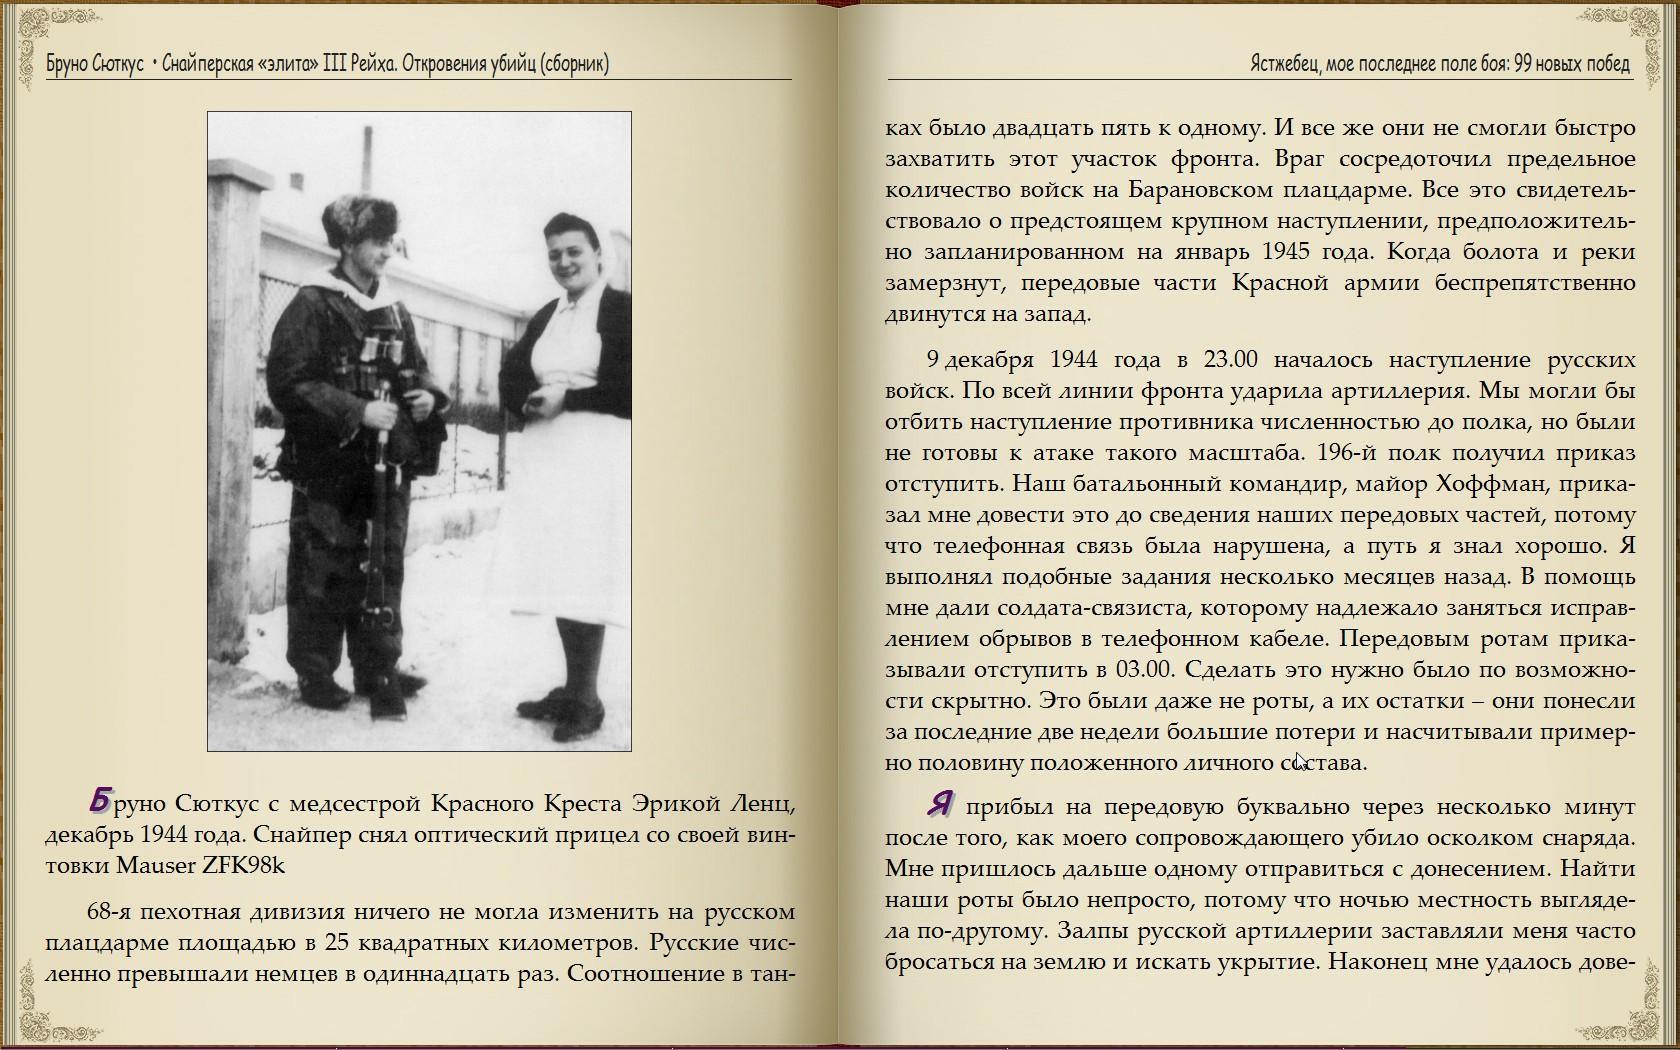 СНАЙПЕРСКАЯ ЭЛИТА III РЕЙХА ОТКРОВЕНИЯ УБИЙЦ СКАЧАТЬ БЕСПЛАТНО